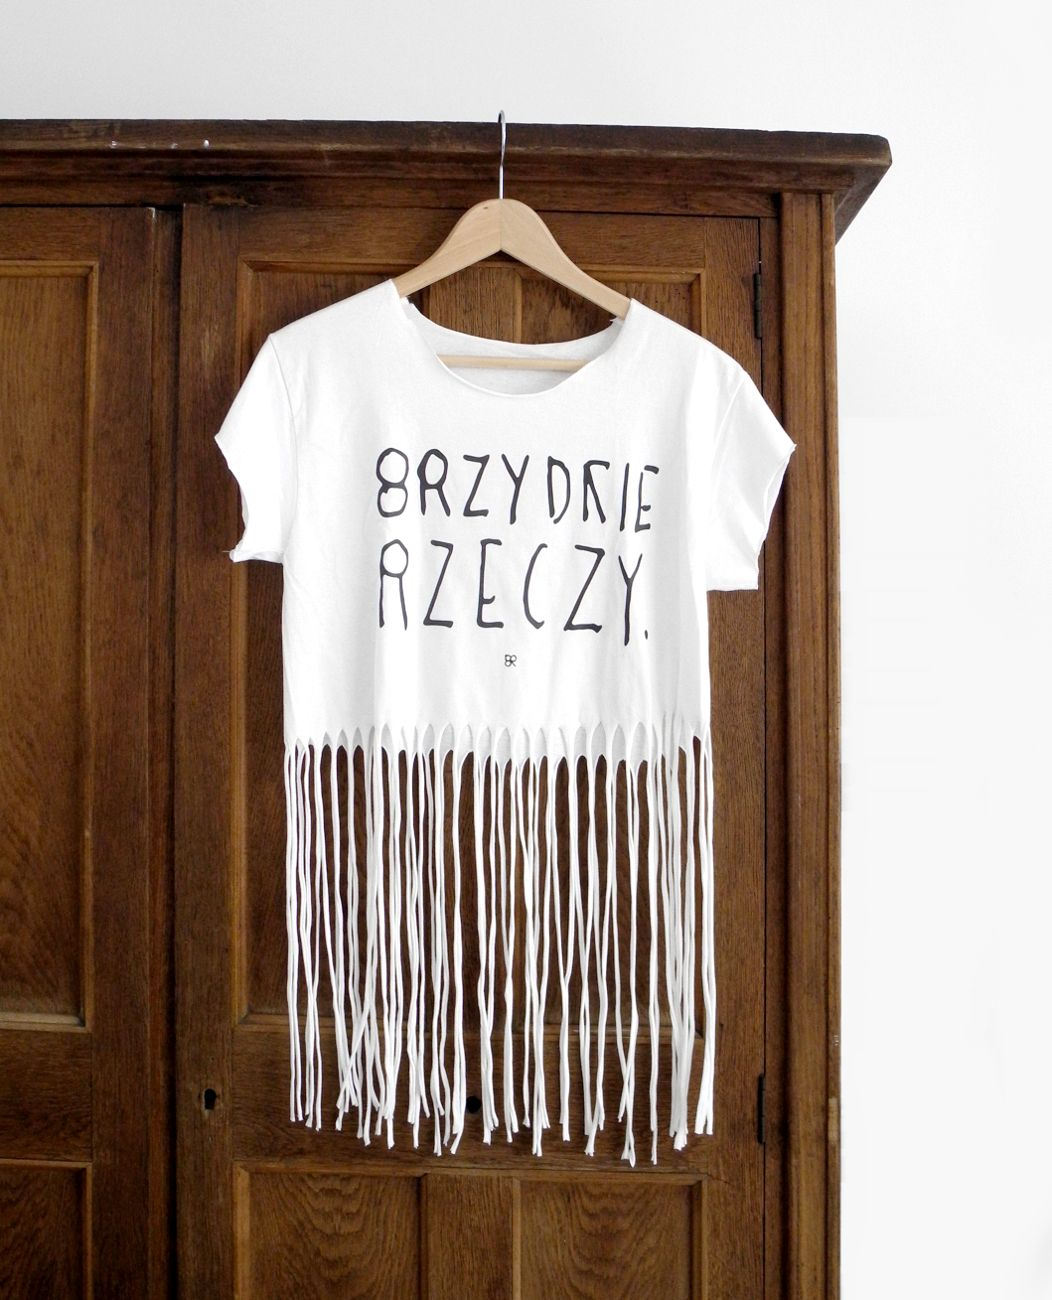 Bialy Fredzel Brzydka Koszulka Z Nadrukiem Koszulki